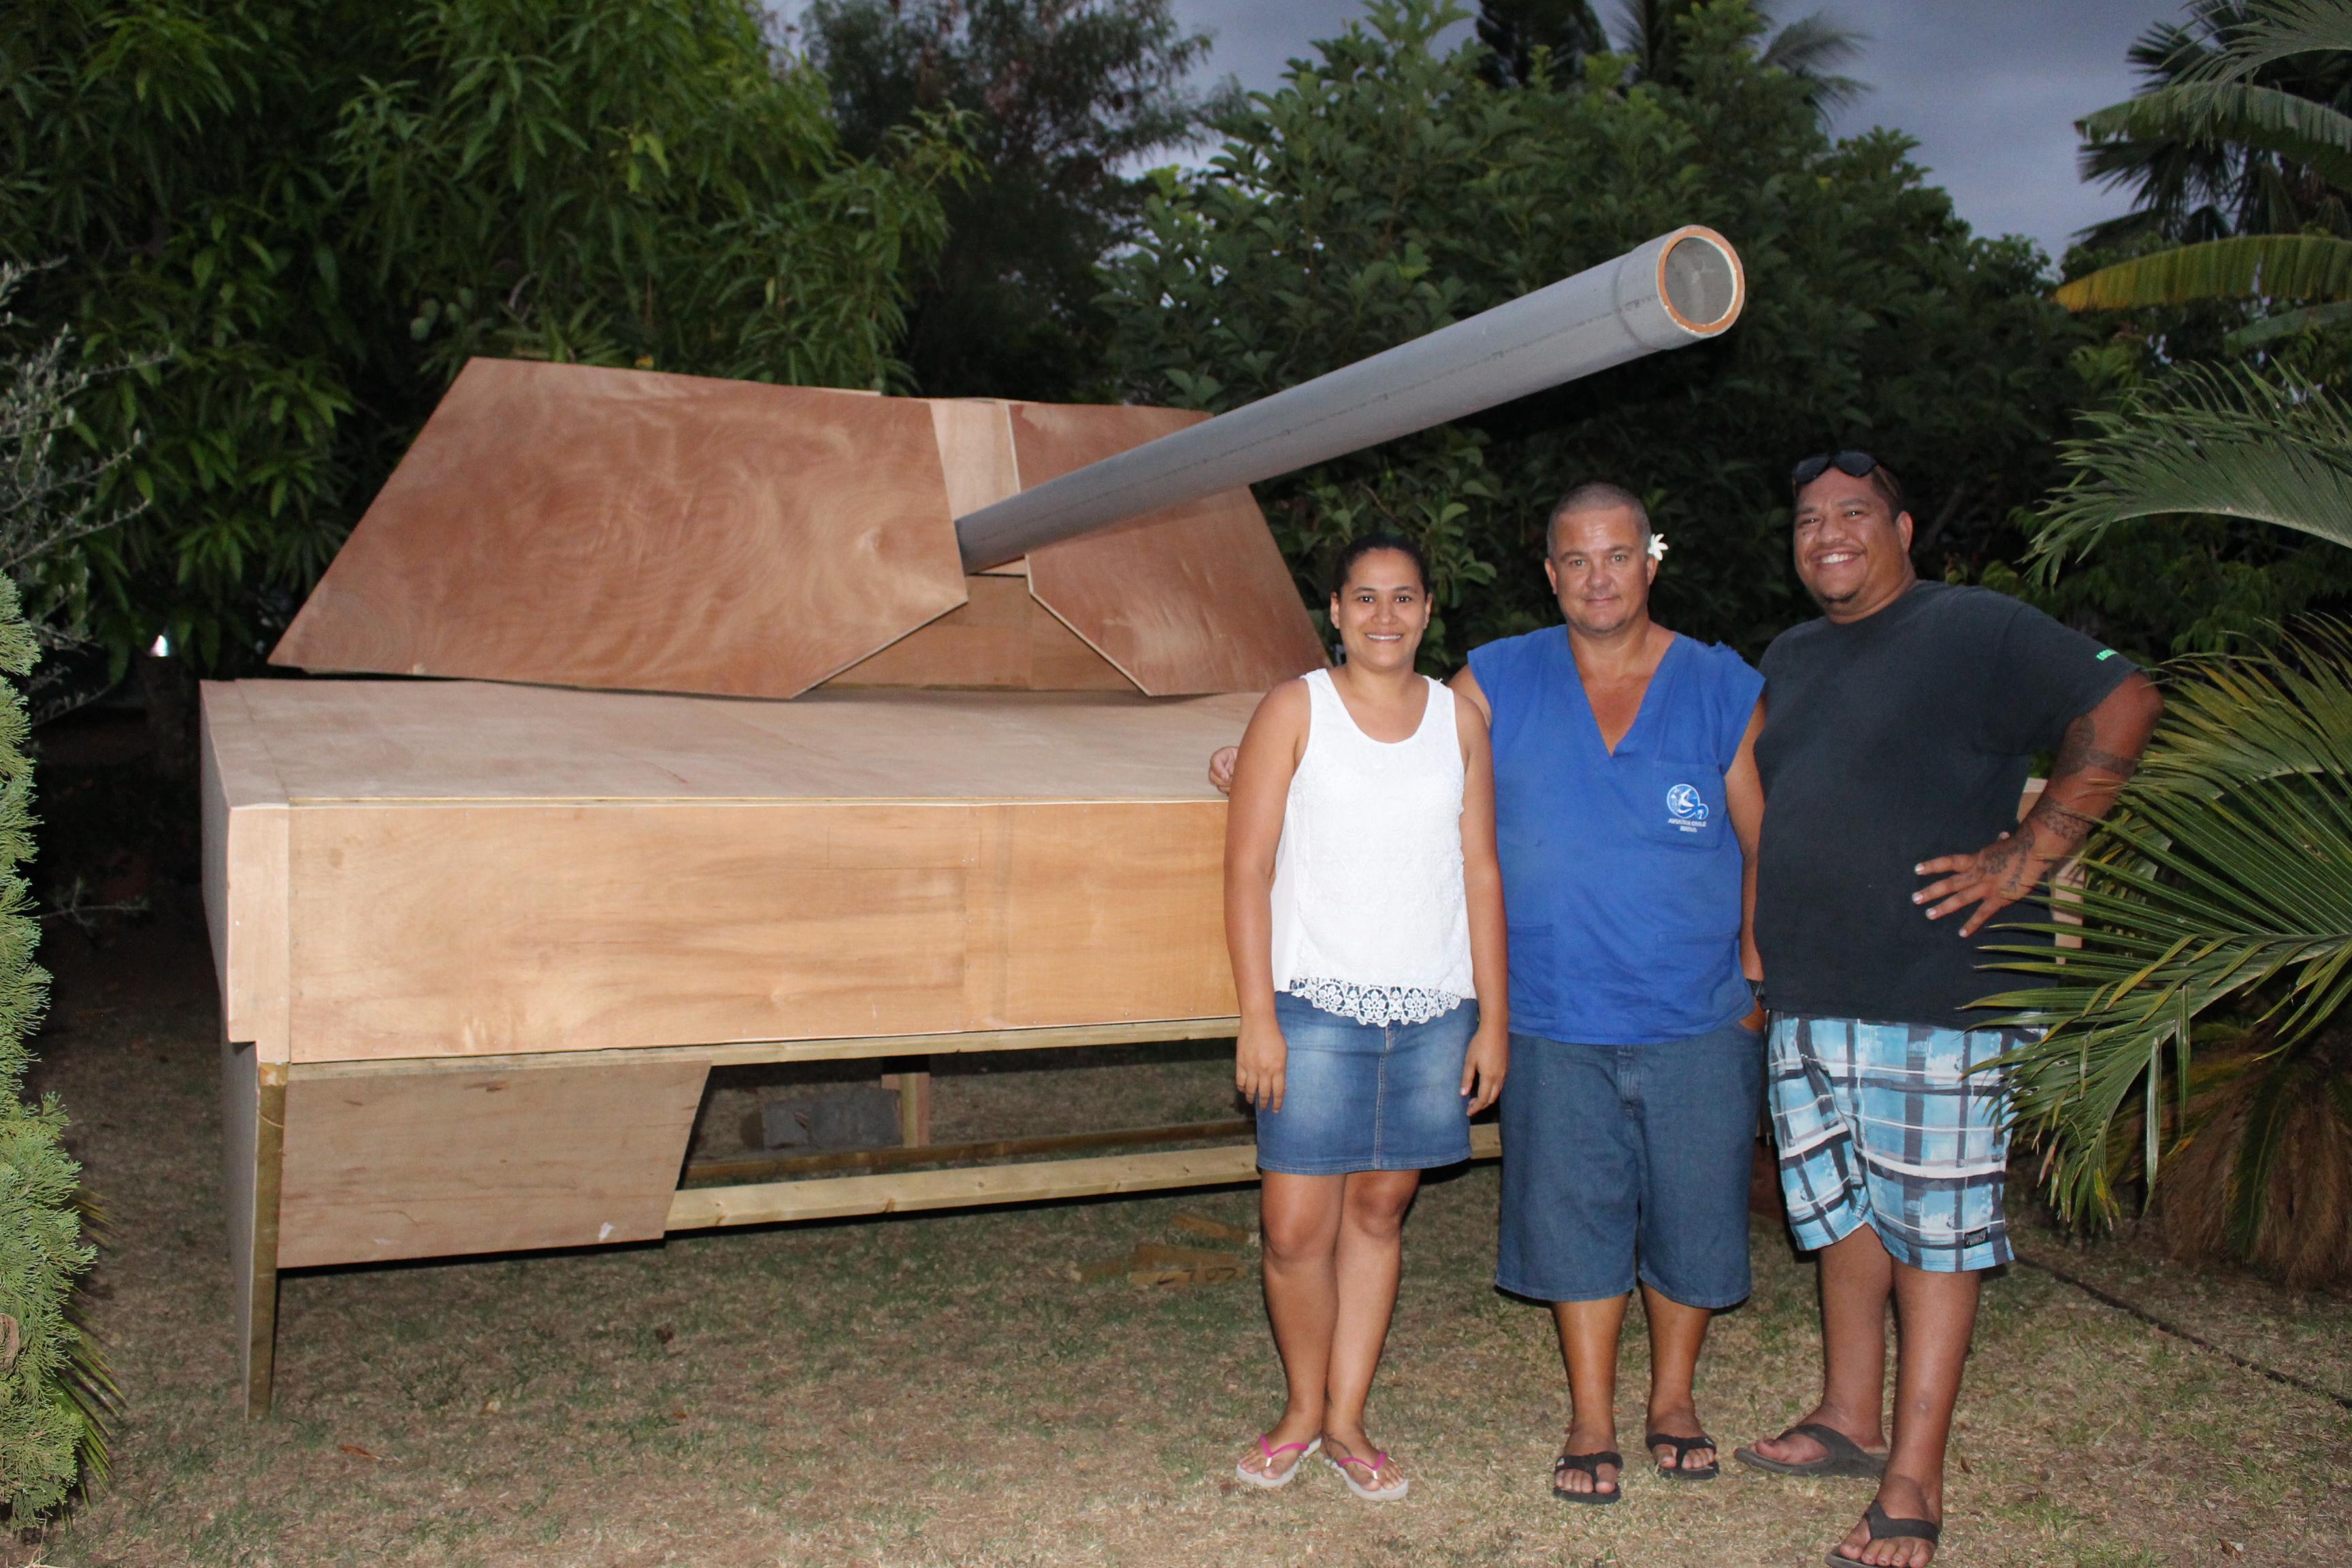 Ben Jack'son en Polynésie : du jamais-vu sur To'ata